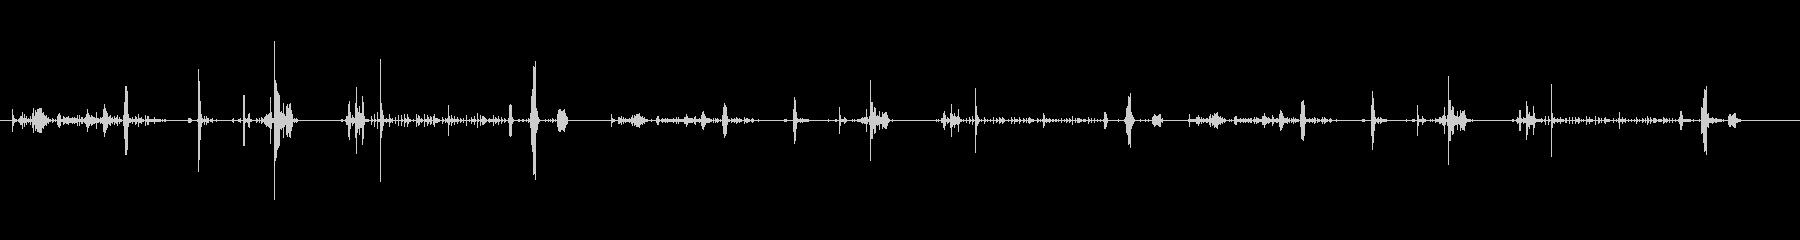 クリンクス-スキークス-ホイール-...の未再生の波形